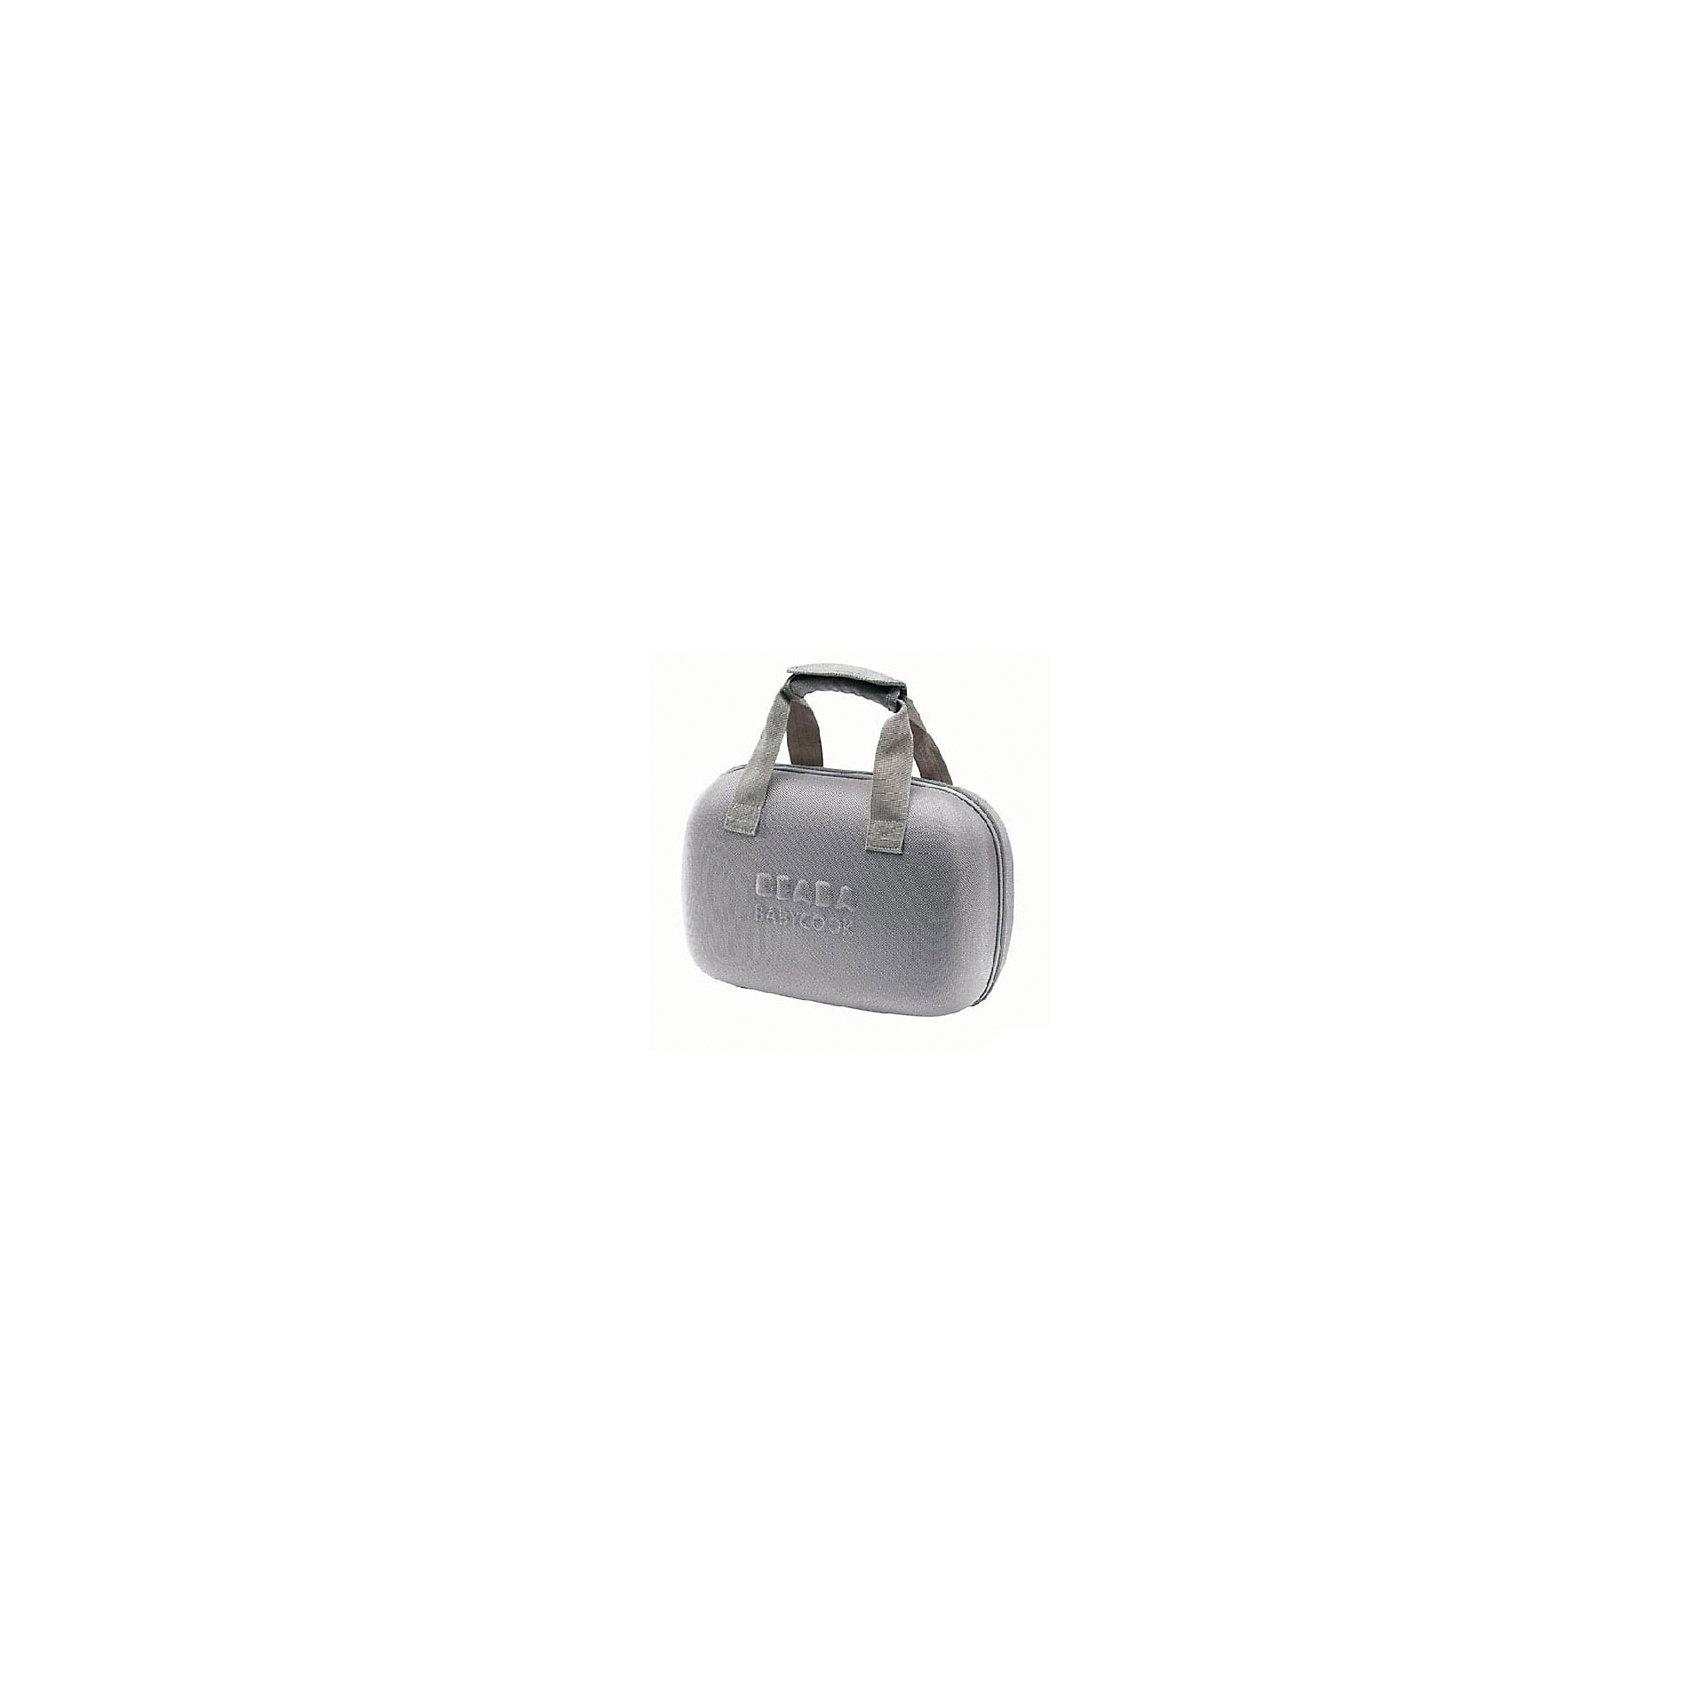 Сумка для блендера-пароварки BABYCOOK, Beaba, темно-серыйПрочие товары для кормления<br>Сумка Babycook, Beaba, предназначена для хранения и перевозки блендера-пароварки Babycook. Прочный  каркас надежно защитит блендер от ударов и повреждений, изнутри сумка обшита мягким бархатистым материалом. Сумка закрывается на двойную застежку-молнию, оснащена удобными ручками, которые скрепляются вместе при помощи специального хлястика, и четырьмя пластиковыми ножками. Внутри имеются две перегородки и карман для мелочей на молнии.  <br><br>Дополнительная информация:<br><br>- Цвет: темно-серый.<br>- Материал: текстиль, пластик.<br>- Размер сумки: 40 х 18 х 24 см.<br>- Размер упаковки: 40 x 20 x 27 см.<br>- Вес: 1,08 кг.<br><br>Сумка для блендера-пароварки Babycook, Beaba, темно-серый, можно купить в нашем интернет-магазине.<br><br>Ширина мм: 320<br>Глубина мм: 190<br>Высота мм: 260<br>Вес г: 1080<br>Возраст от месяцев: 4<br>Возраст до месяцев: 36<br>Пол: Унисекс<br>Возраст: Детский<br>SKU: 4389025